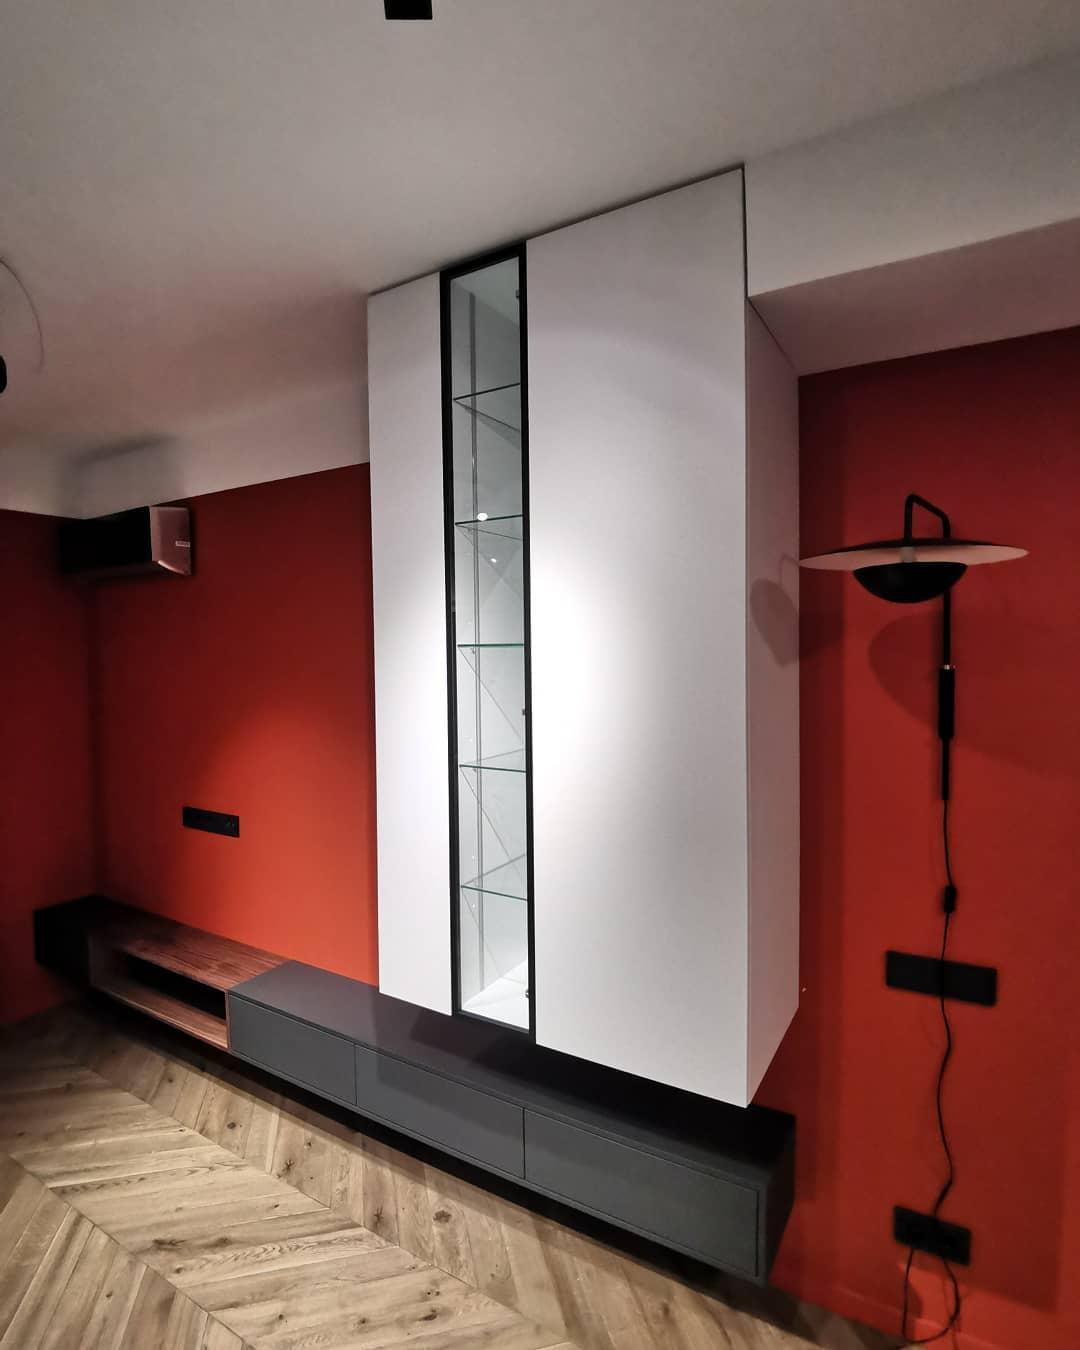 Тумба и подвесной шкаф с подсветкой